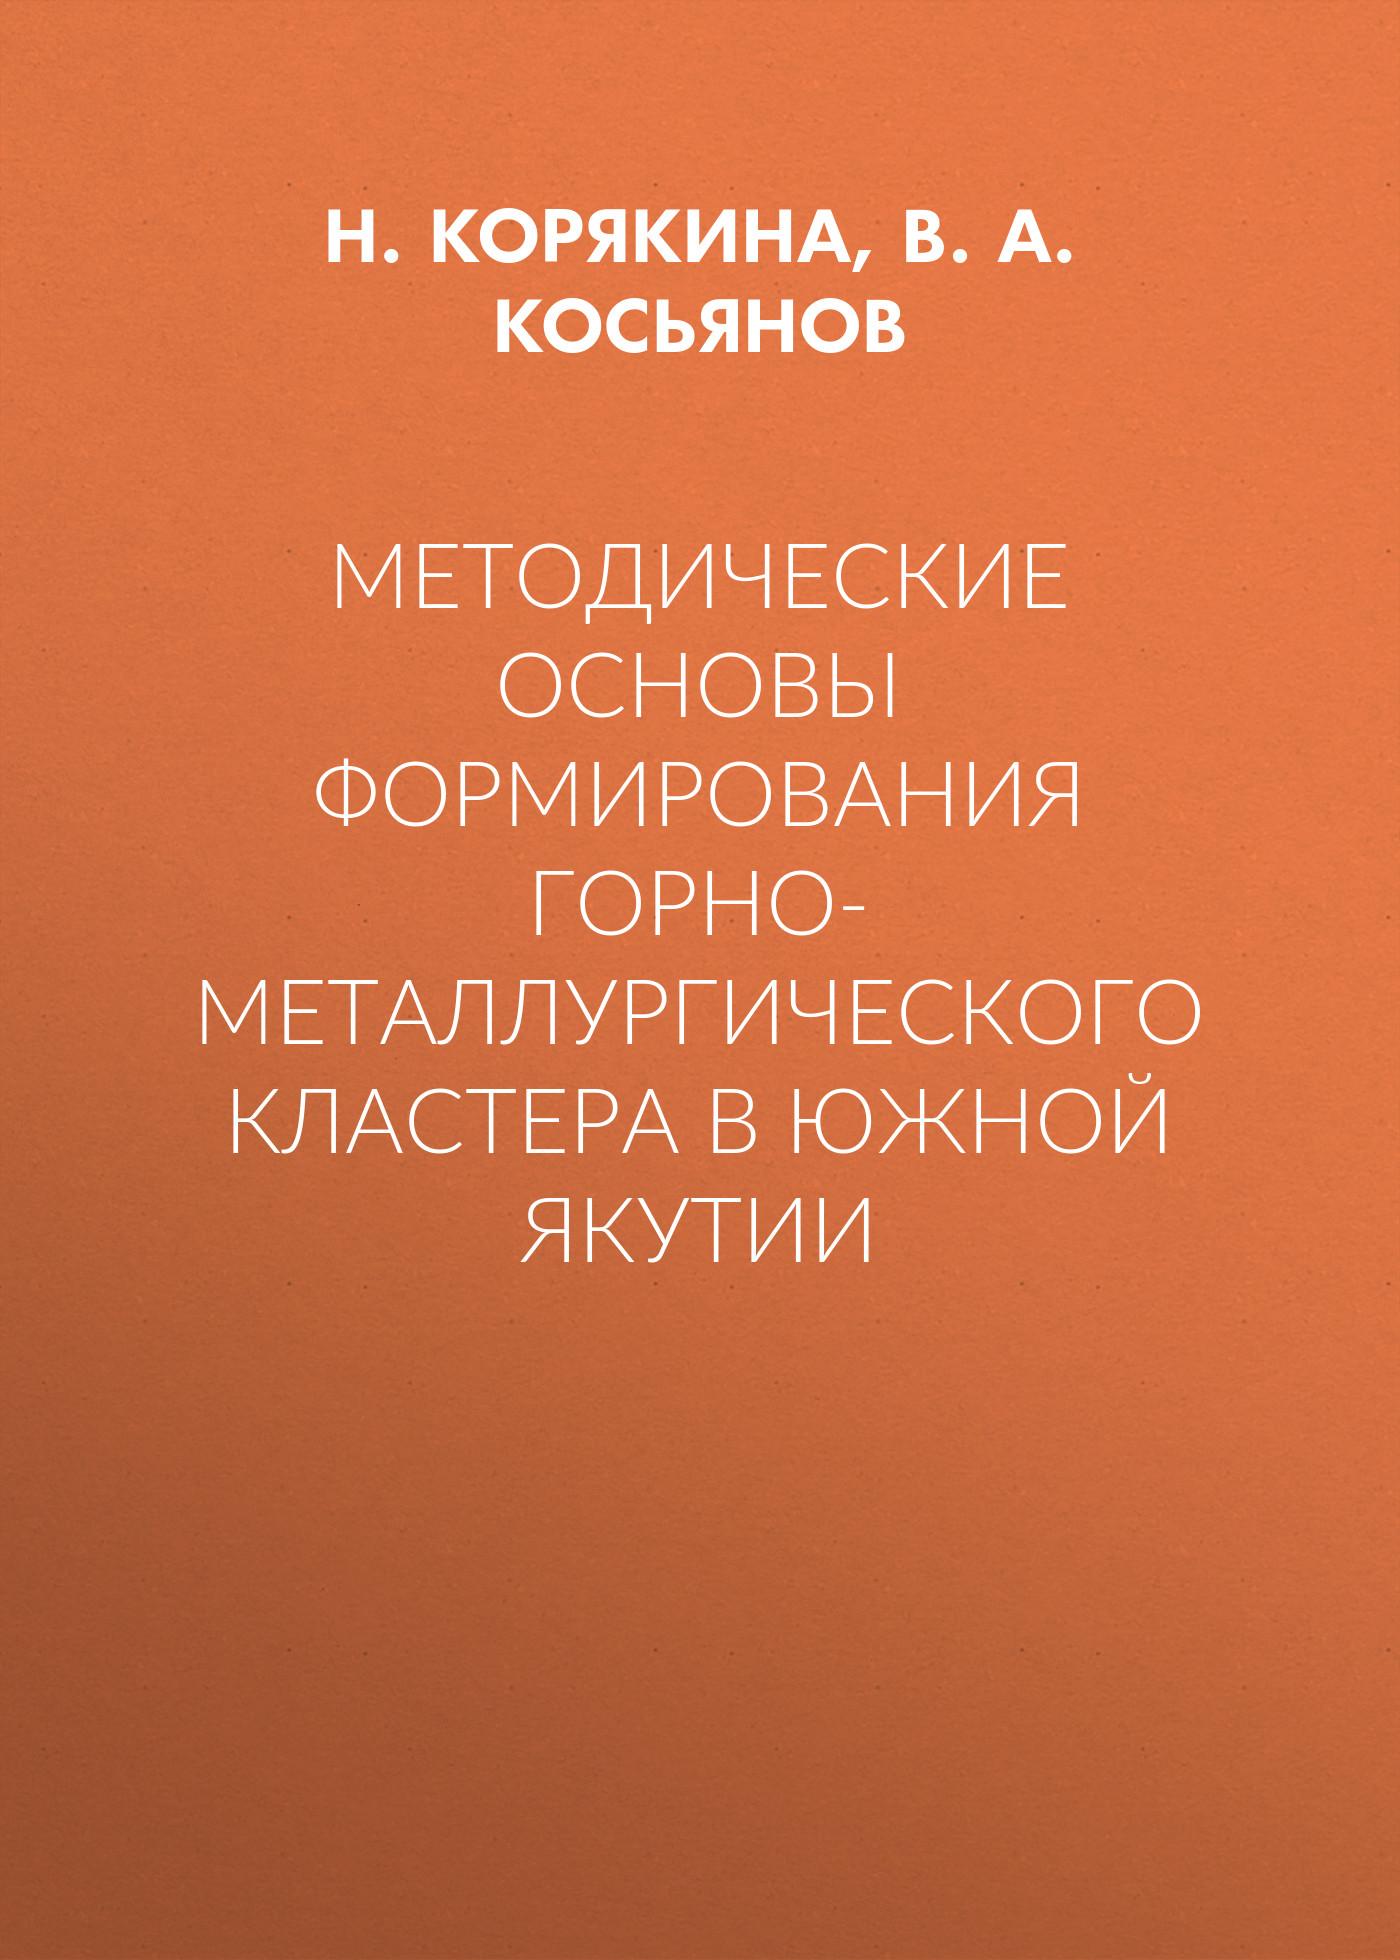 В. А. Косьянов Методические основы формирования горно-металлургического кластера в Южной Якутии магазины для рыбалки в южно сахалинске